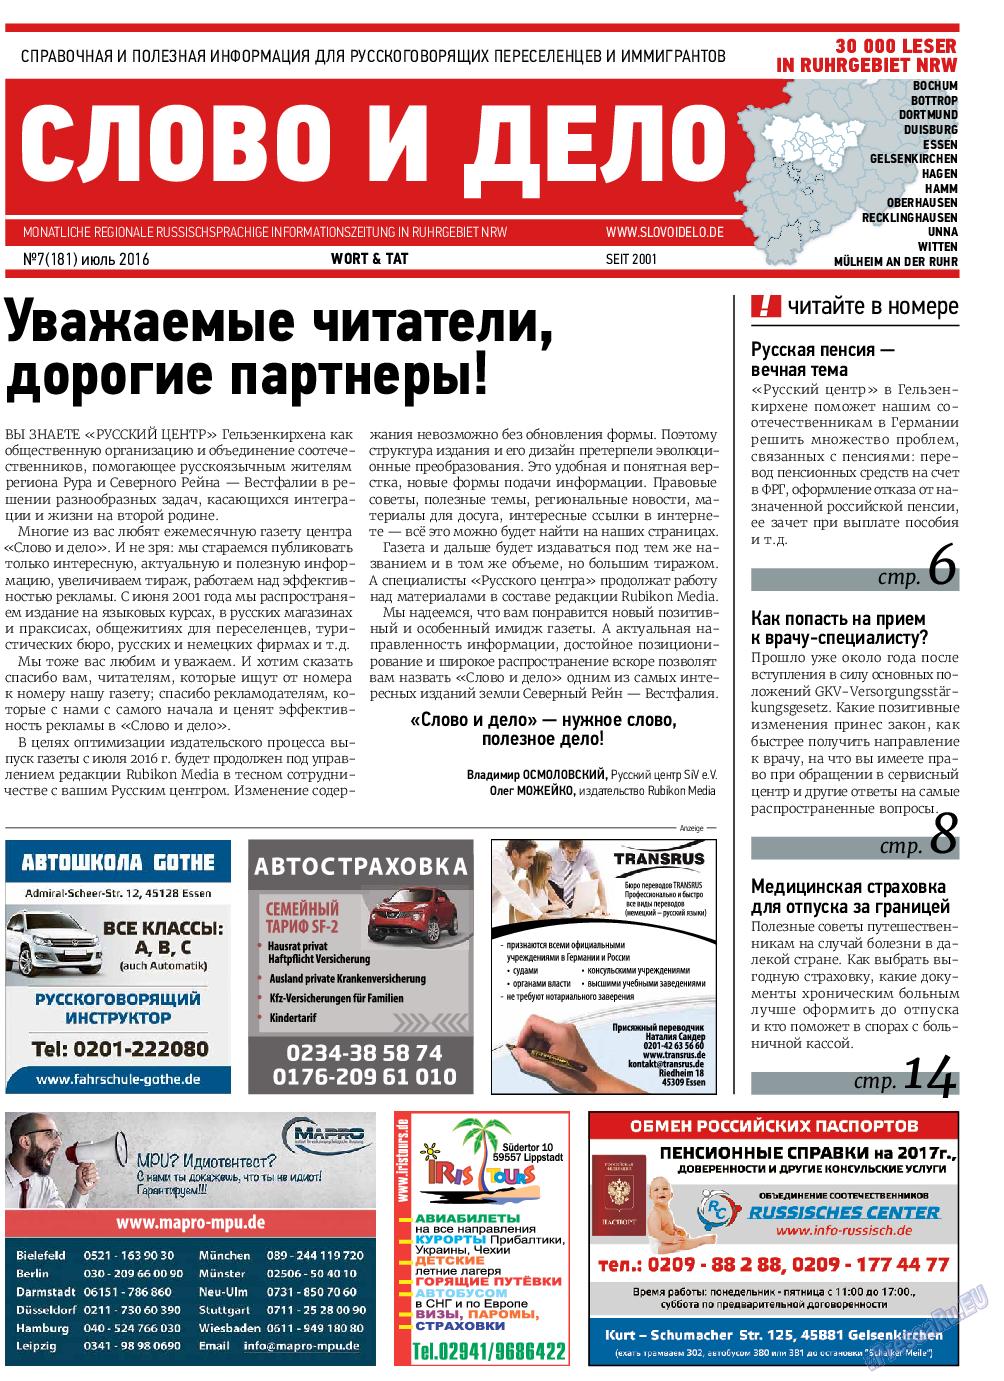 Слово и дело (газета). 2016 год, номер 7, стр. 1